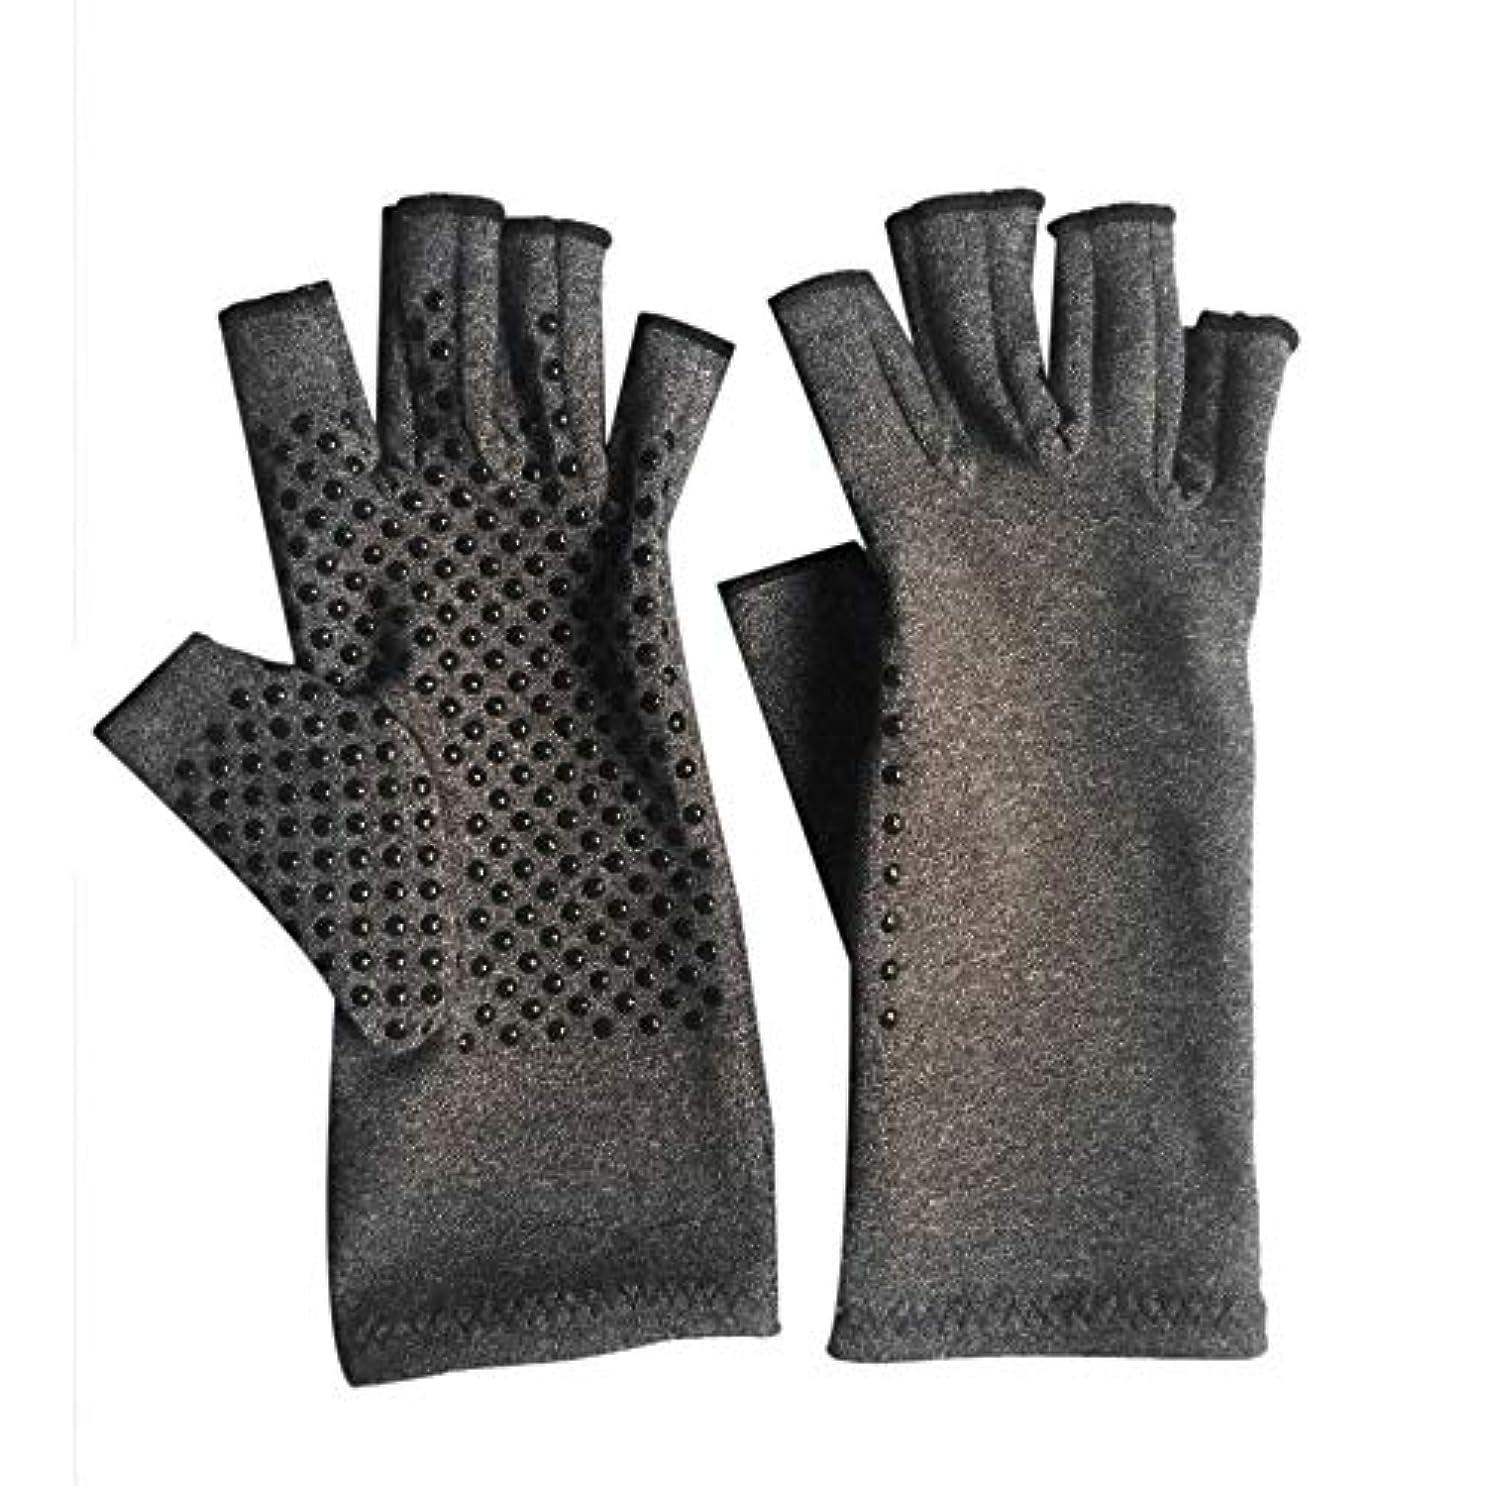 摘む窒息させる忘れられない1ペアユニセックス男性女性療法圧縮手袋関節炎関節痛緩和ヘルスケア半指手袋トレーニング手袋 - グレーM